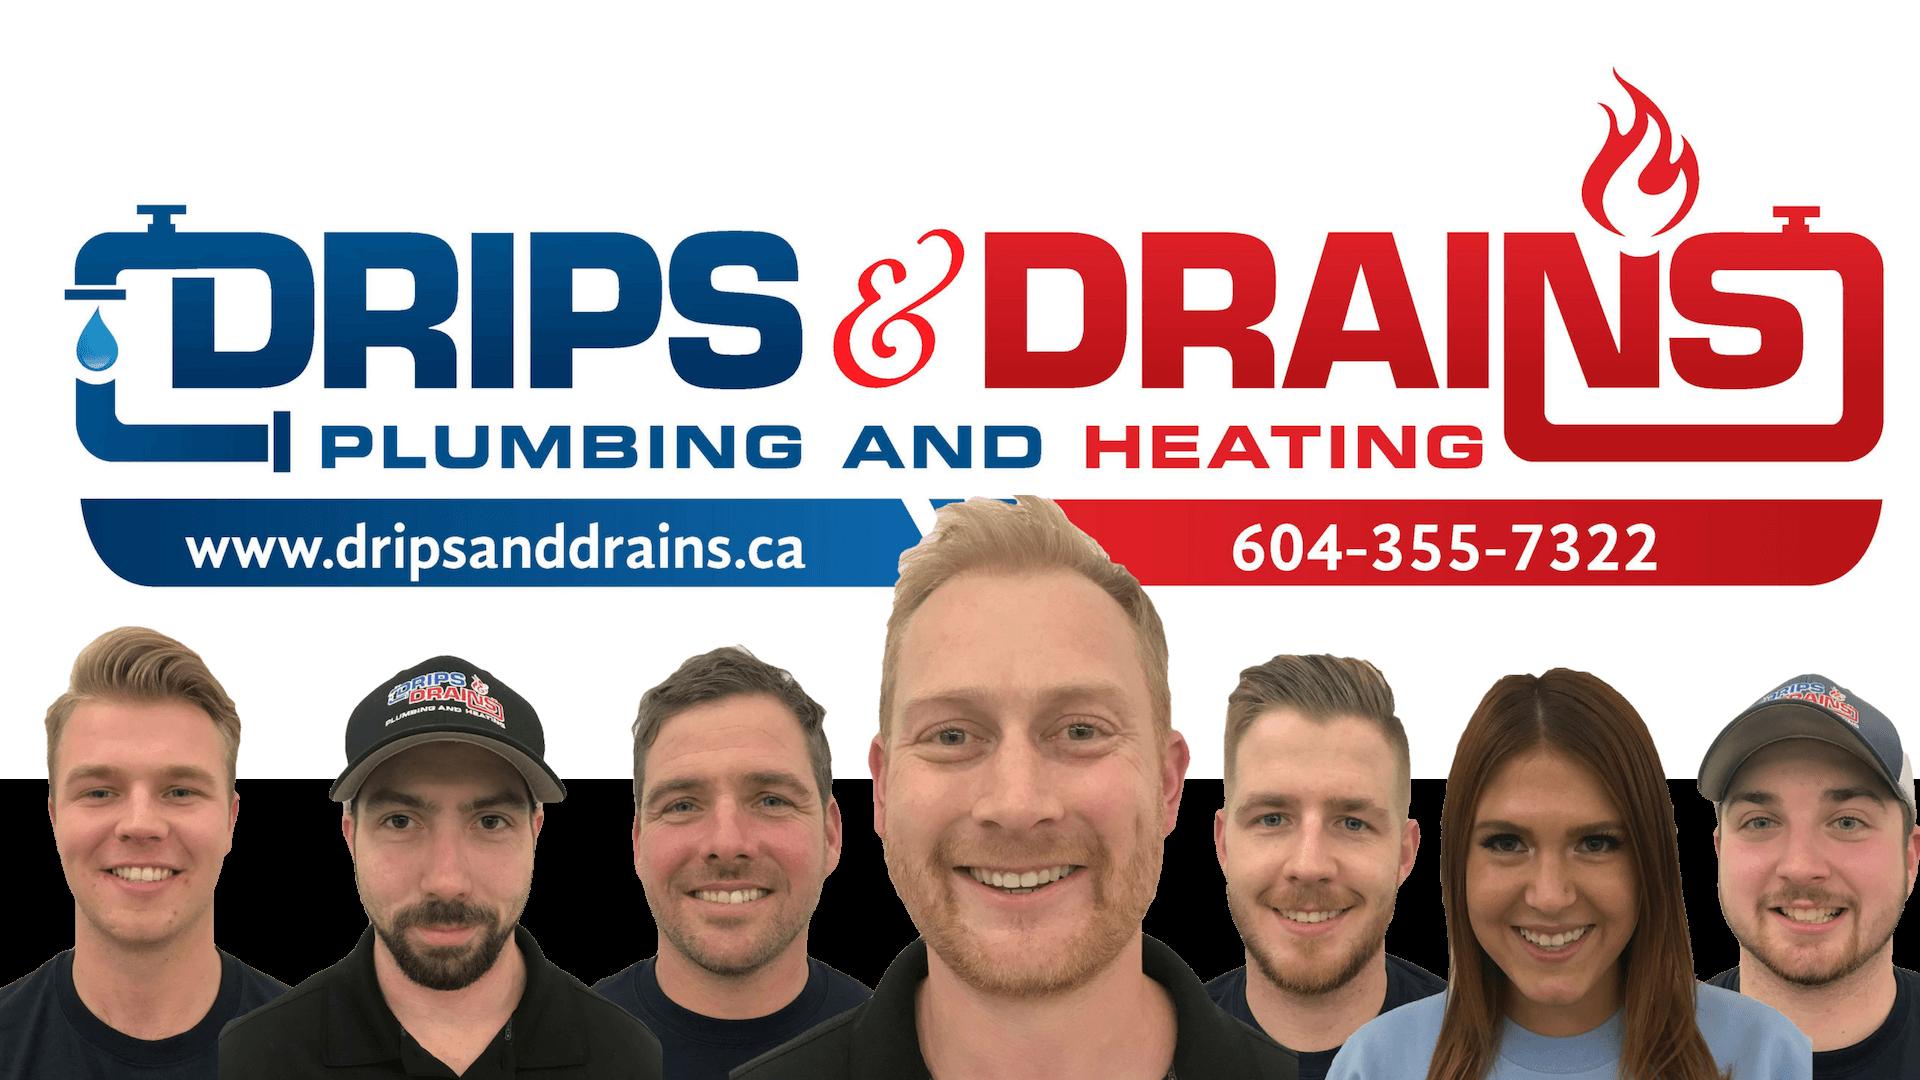 DRIPS & DRAINS TEAM - meet the team